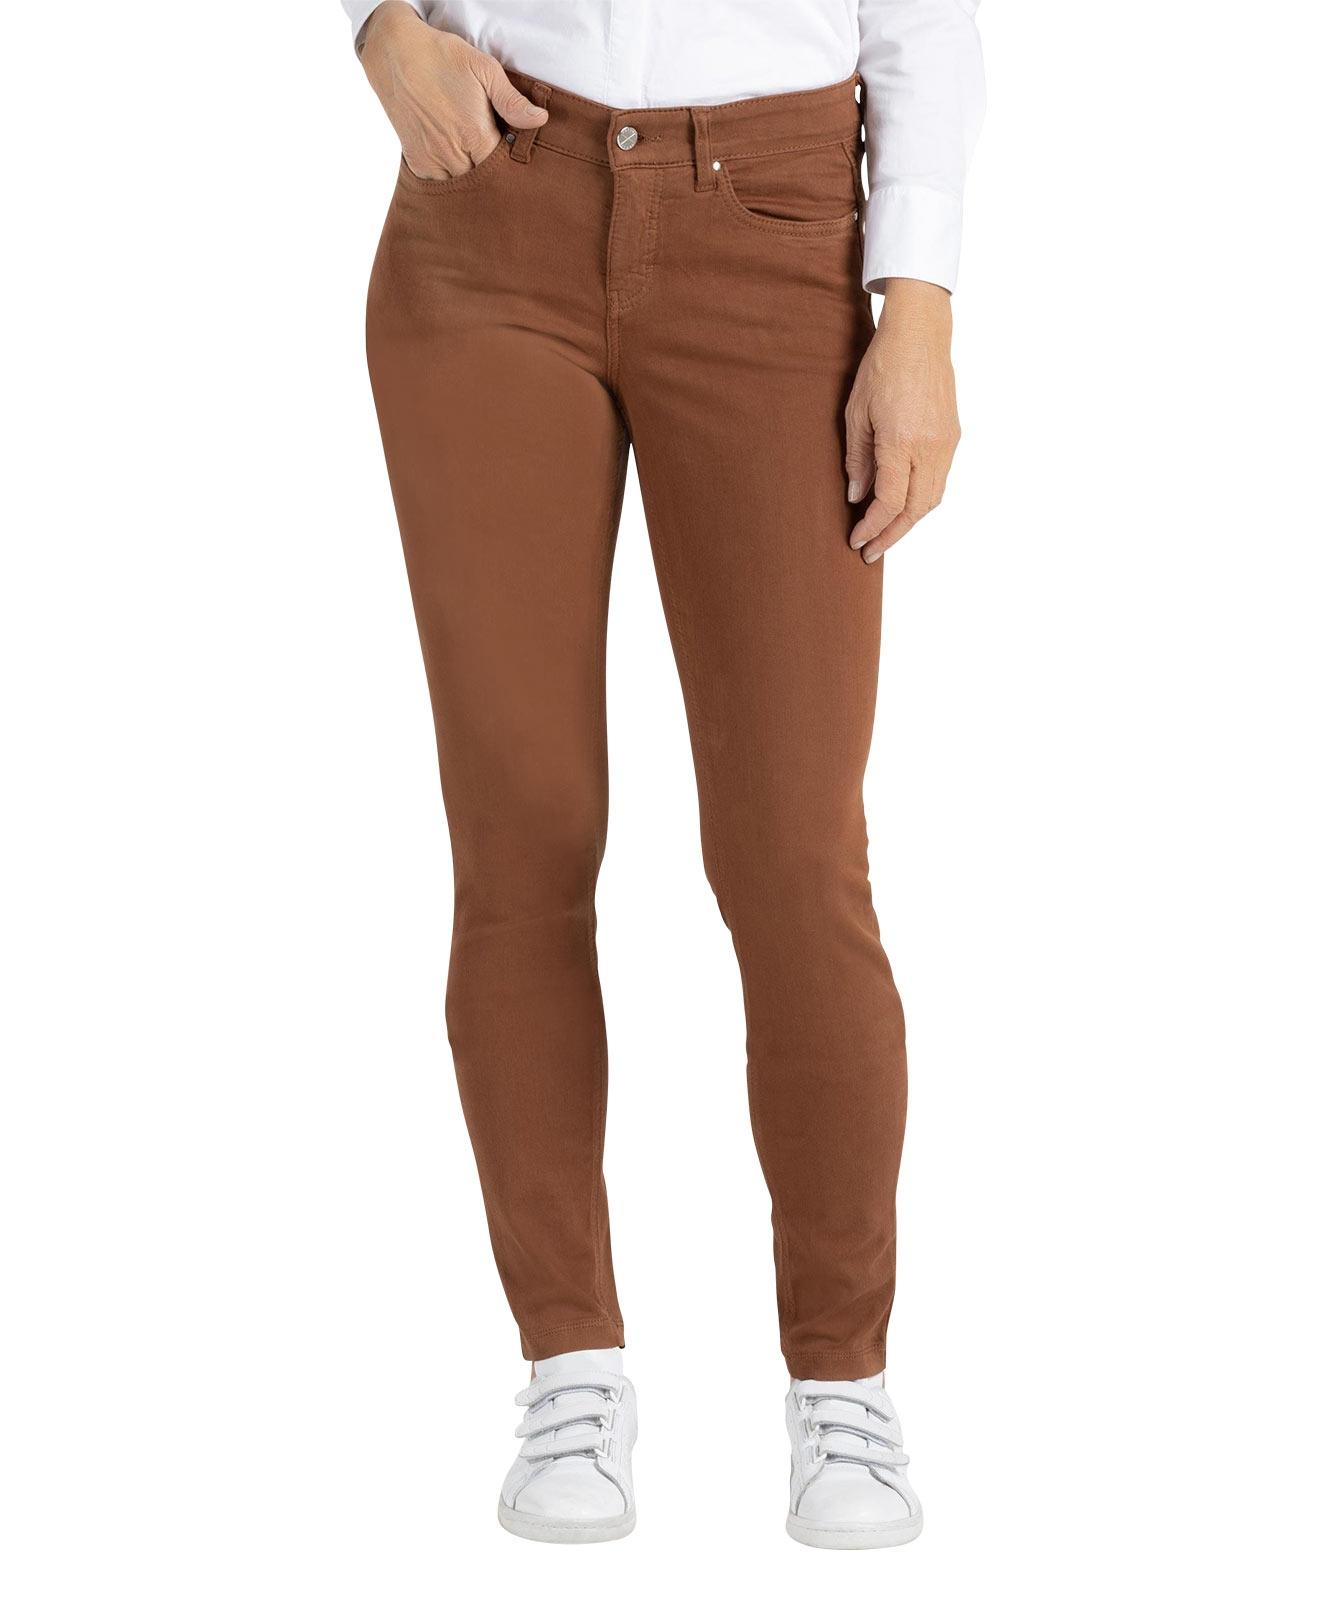 Hosen - MAC Skinny Jeans Dream Skinny in Bison Brown  - Onlineshop Jeans Meile